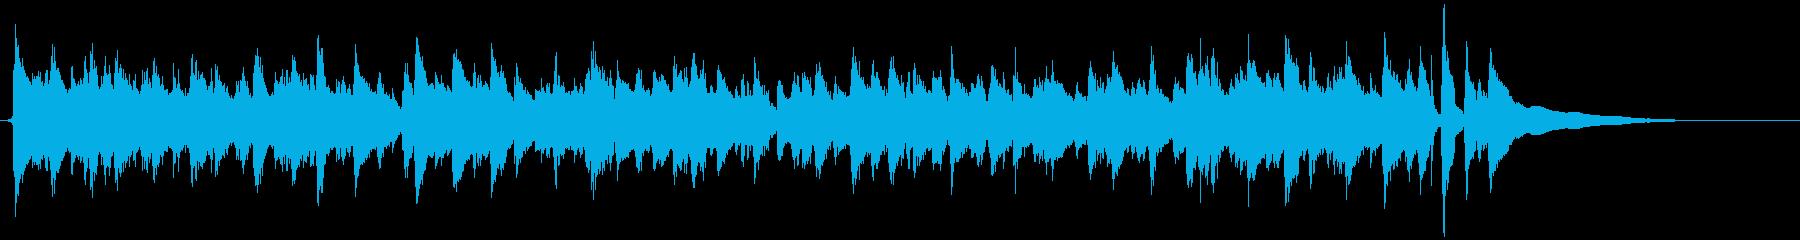 開放感のあるアコギのカッティング演奏の再生済みの波形